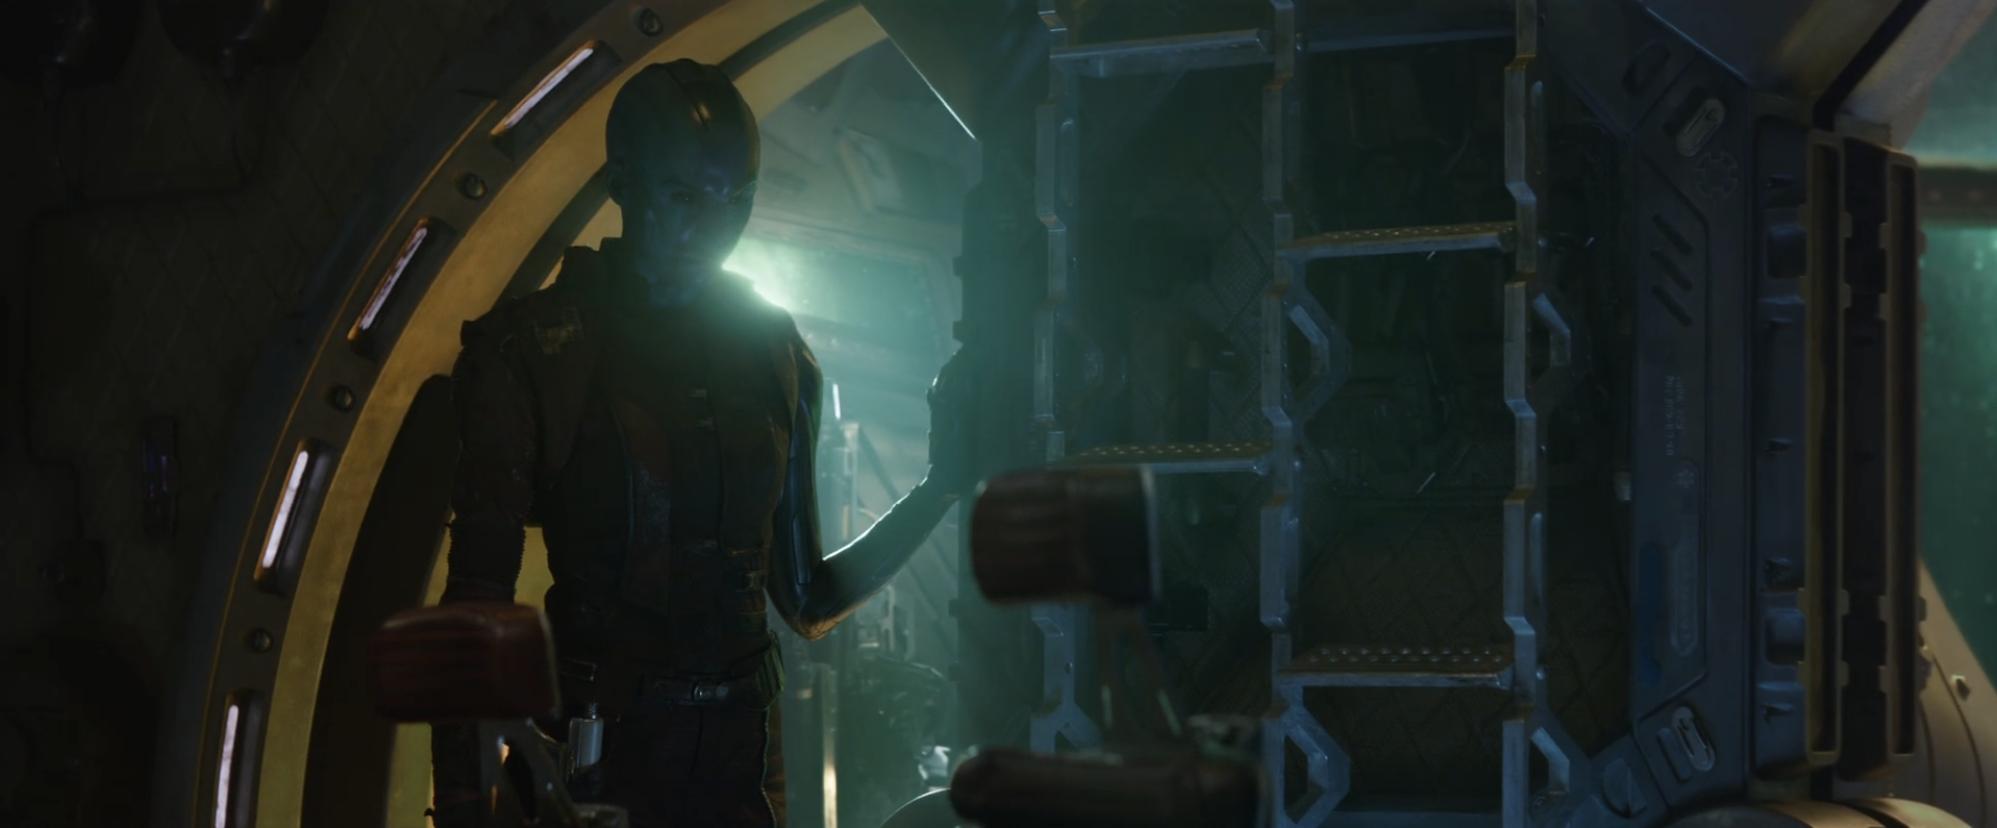 Avengers Endgame Trailer Nebula